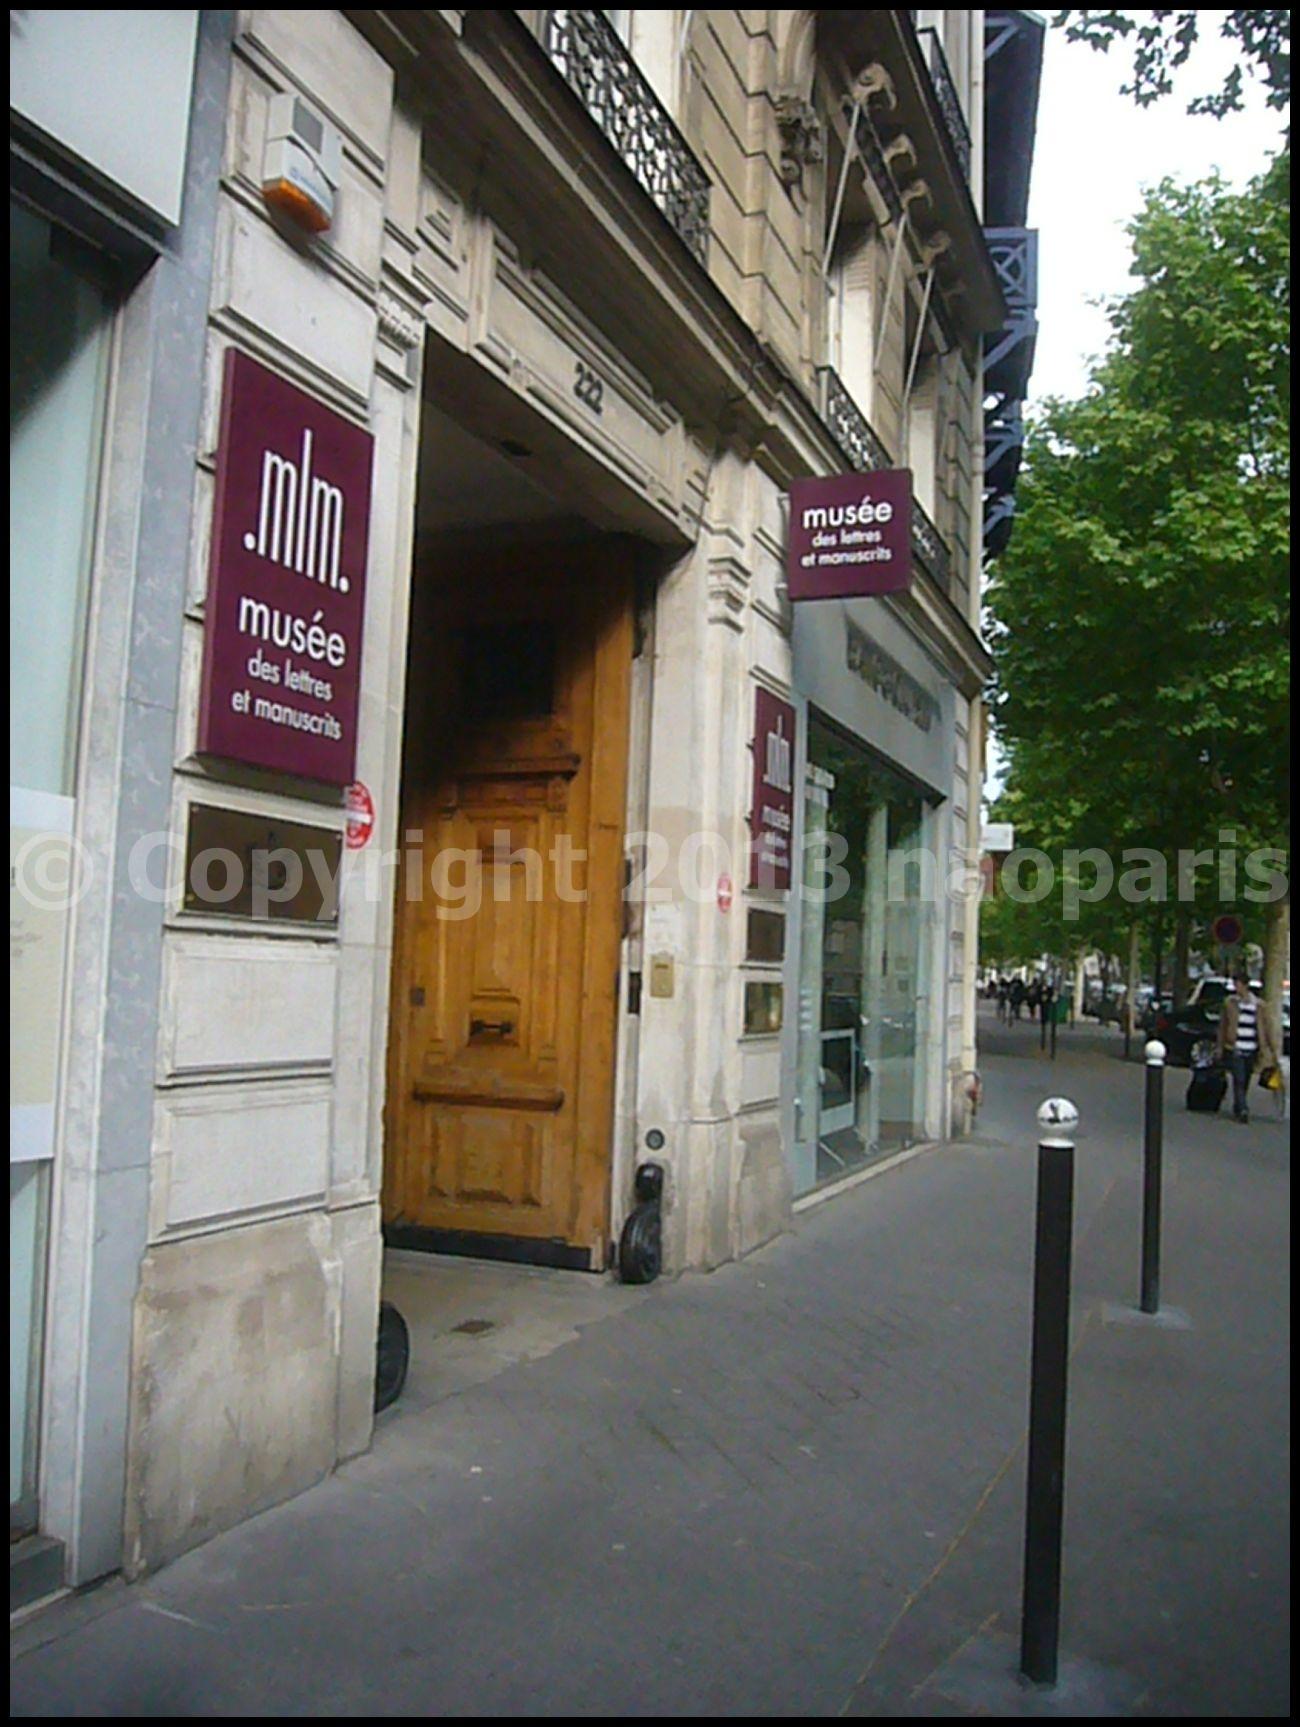 【MUSEE DES LETTRES ET MANUSCRITS PARIS】_a0008105_19112720.jpg